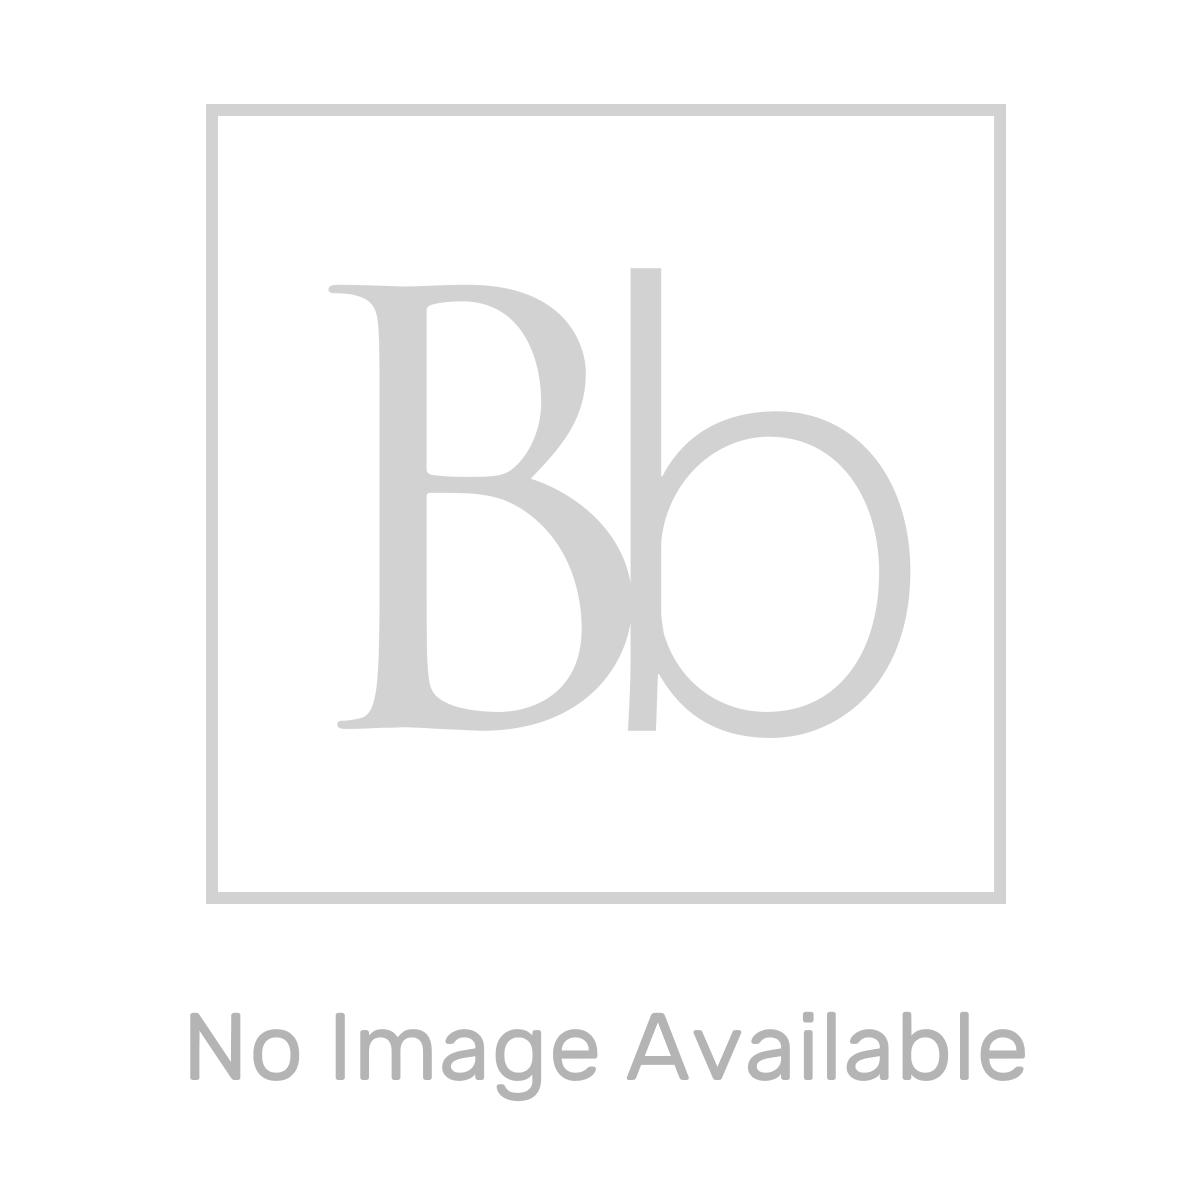 Homelux Aluminium Straight Edge 10mm Silver Tile Trim 2.5m